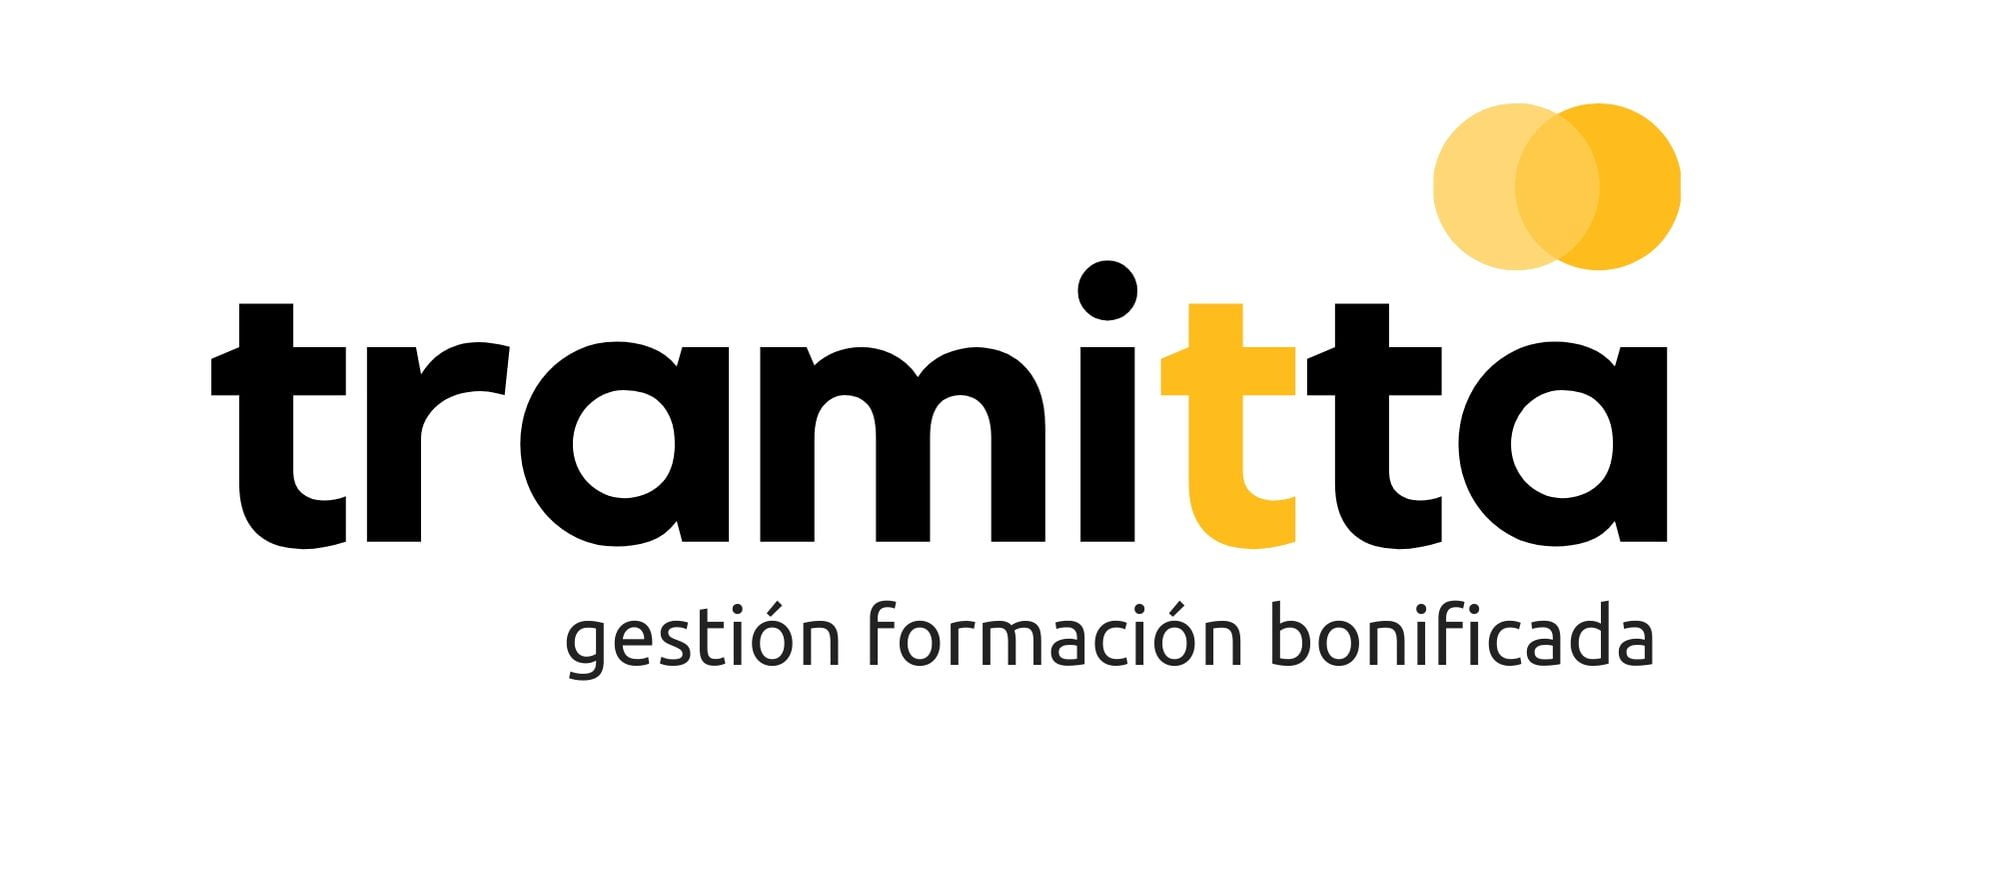 Tramitta